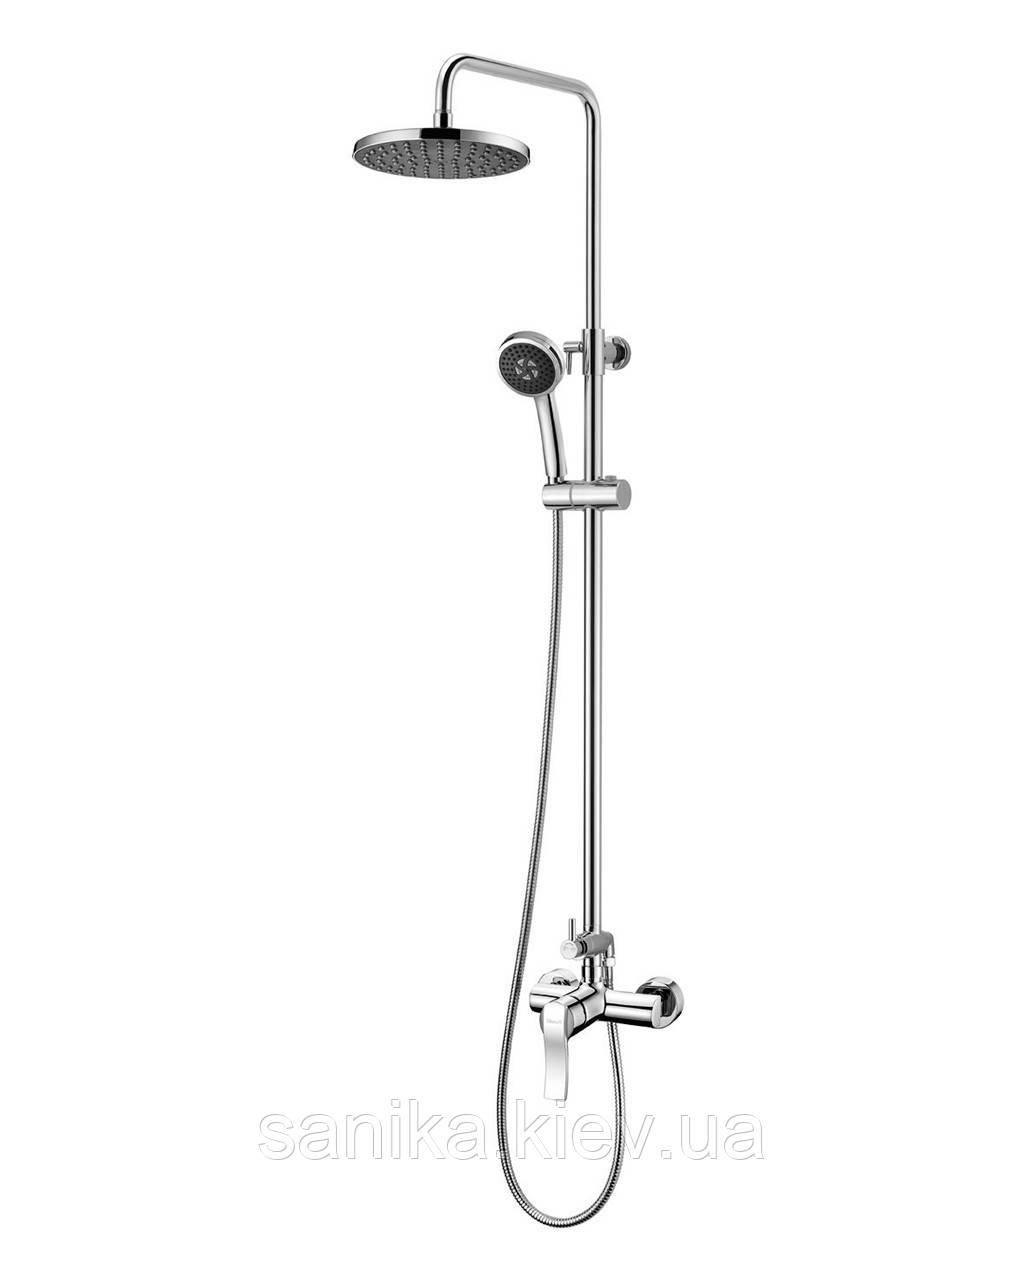 Душова система IMPRESE NOVA VLNA (змішувач для душу, верхній та ручний душ, 3 режими, шланг 1,5 м)